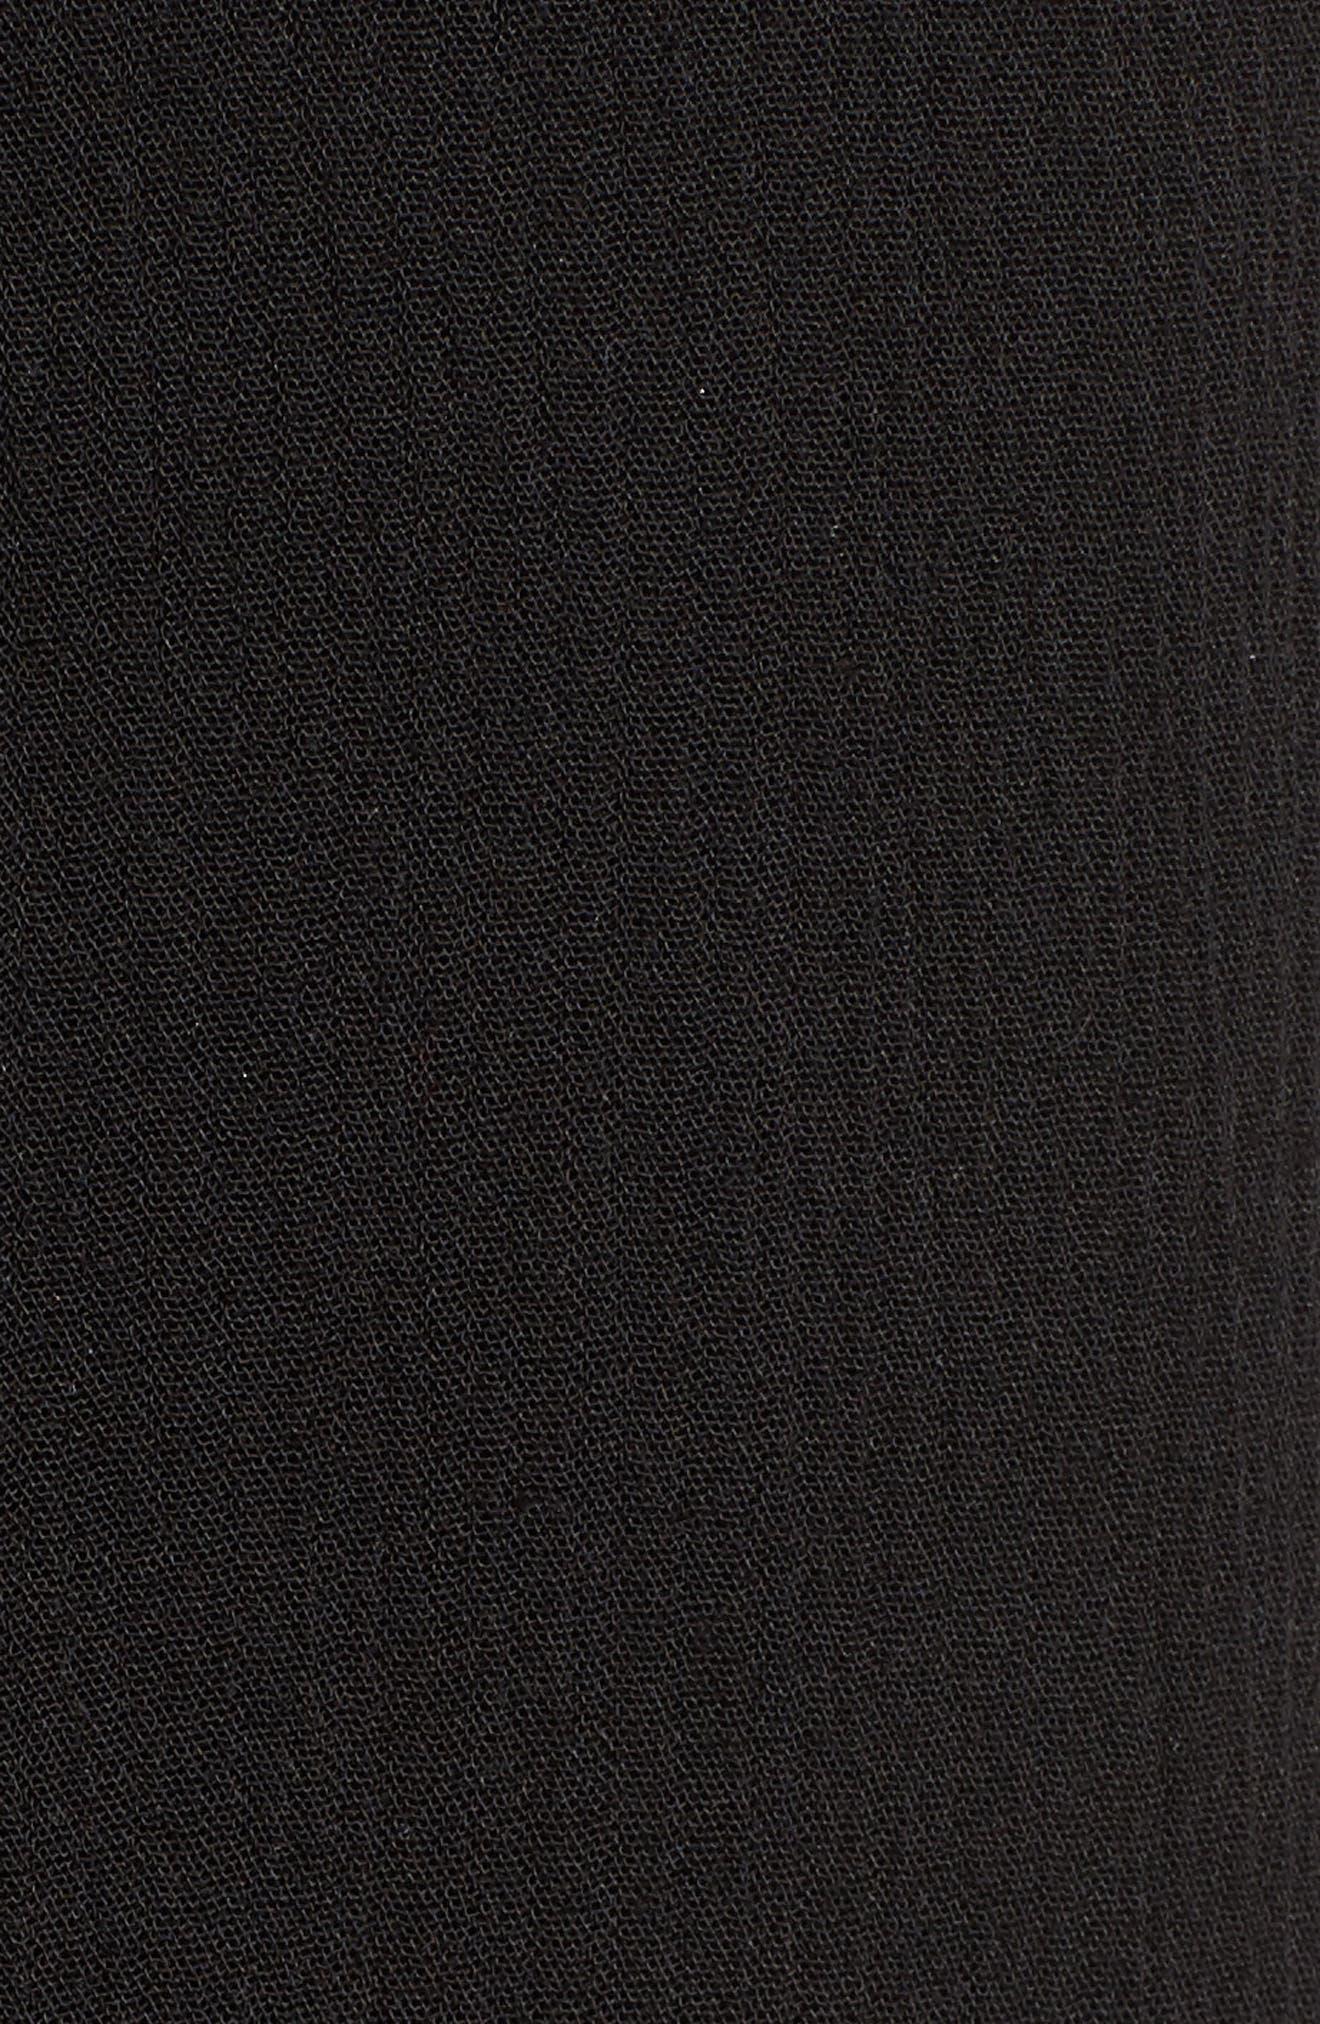 Alternate Image 5  - Love, Fire Slit Maxi Skirt